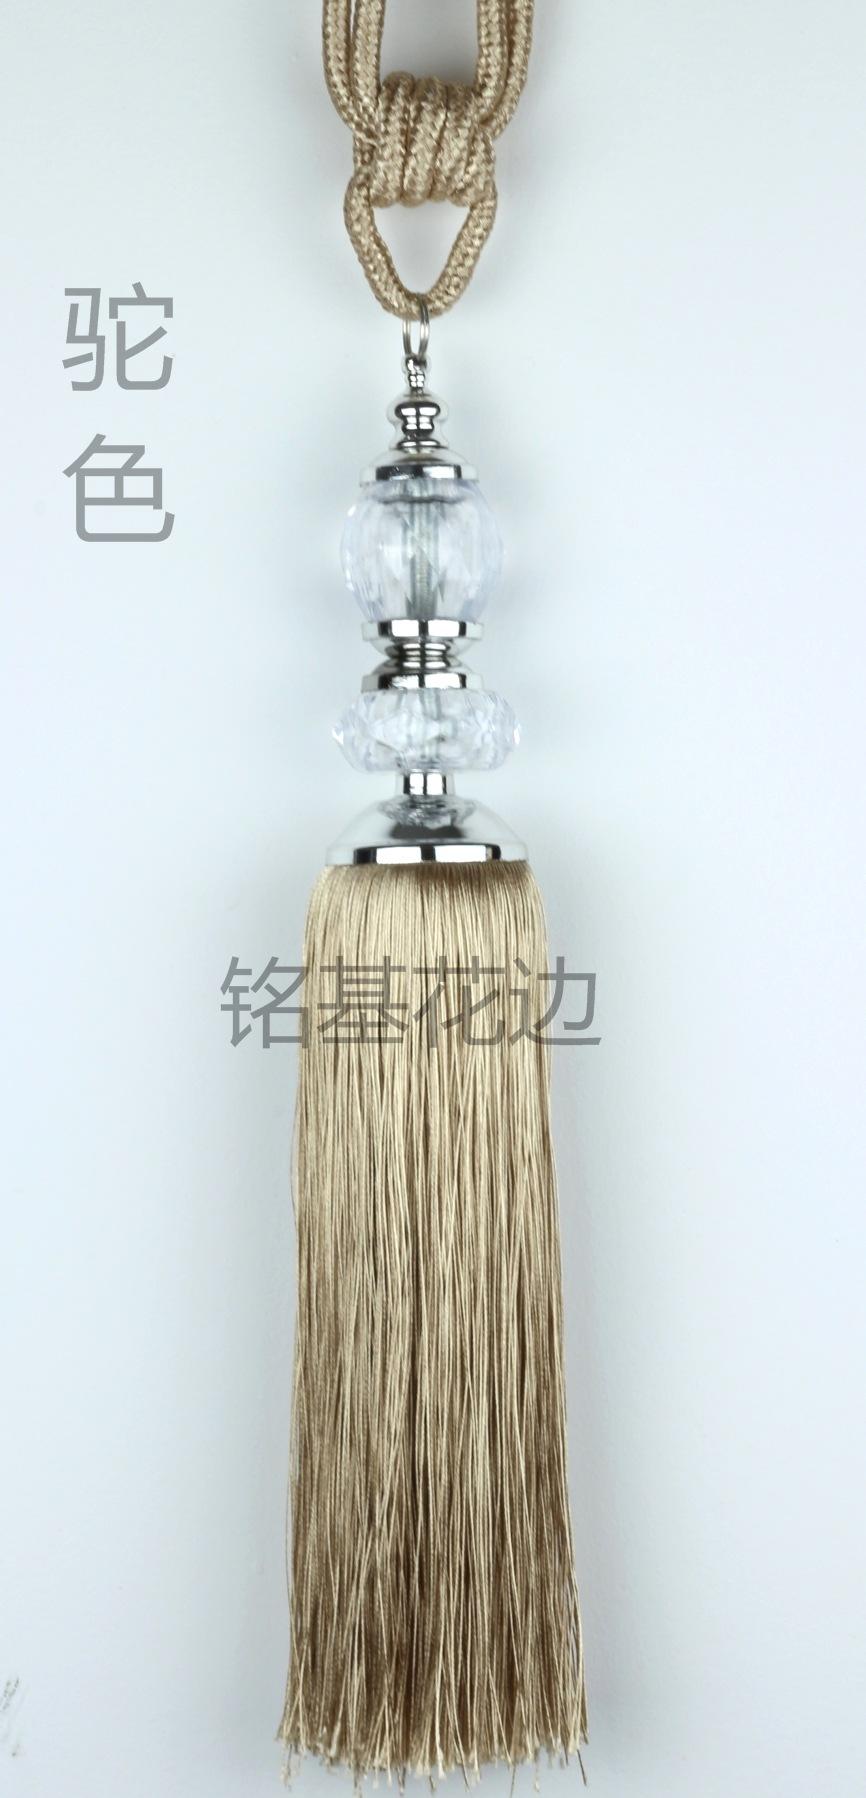 sợi tua Double crystal hanging ball strap curtains modern minimalist model brown tassels lob tassels